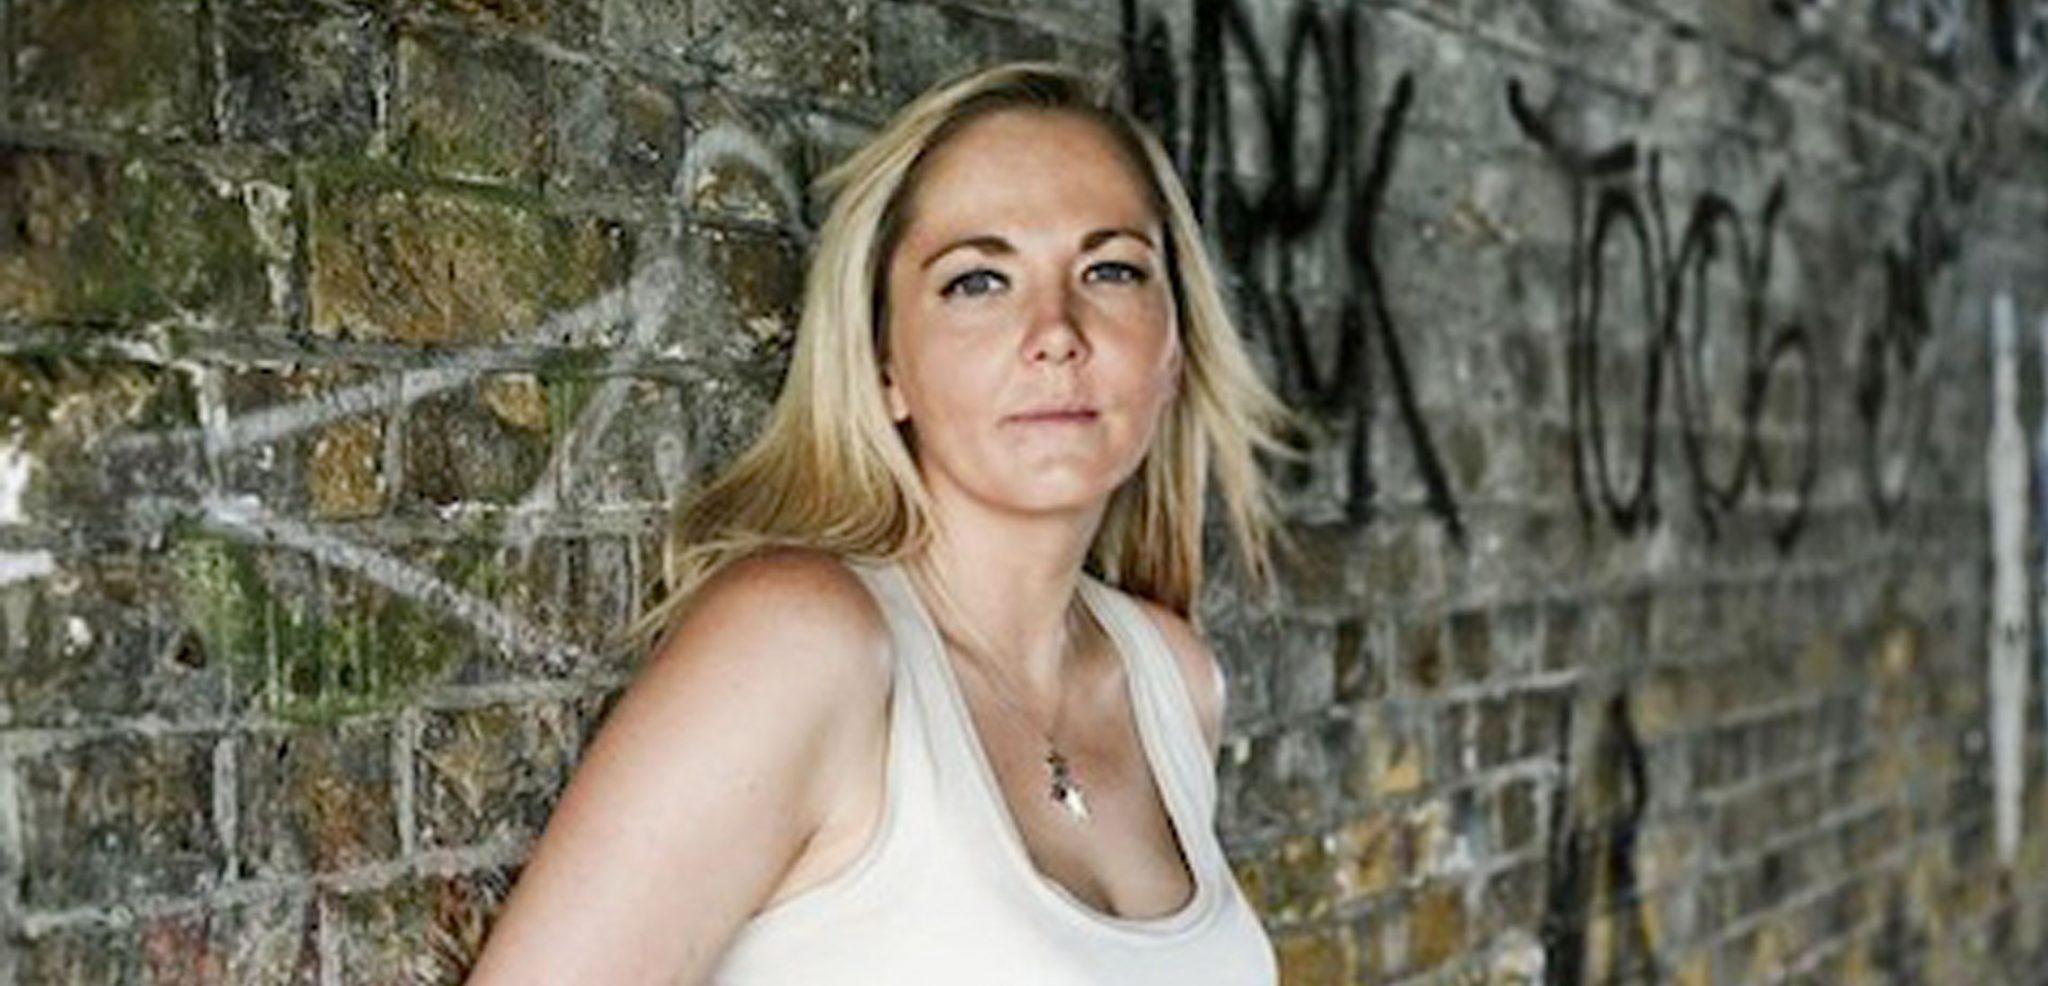 Claire Ripley - Malificent EP hero